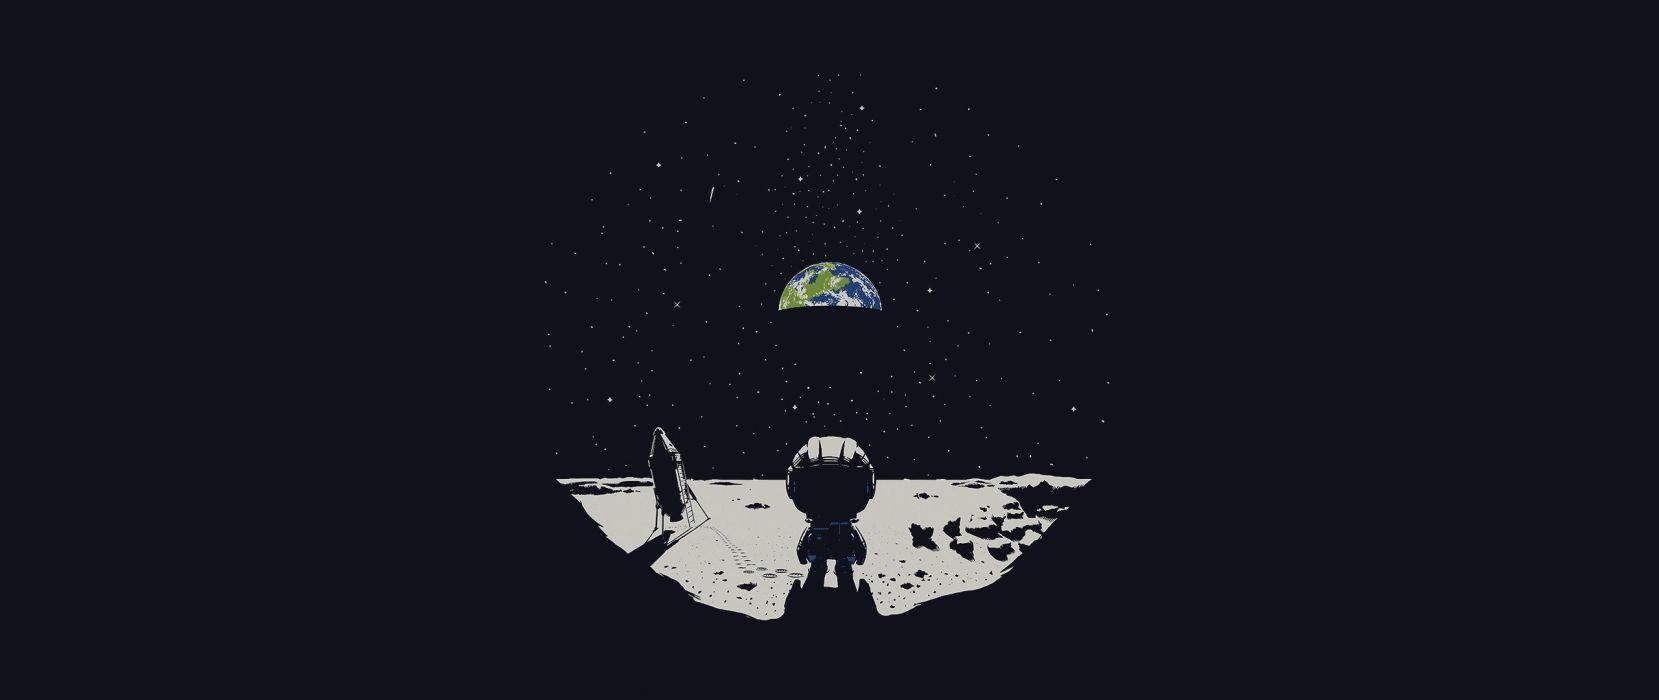 Earth ultra wide Moon Kerbal Space Program wallpaper 2560x1080 1659x700